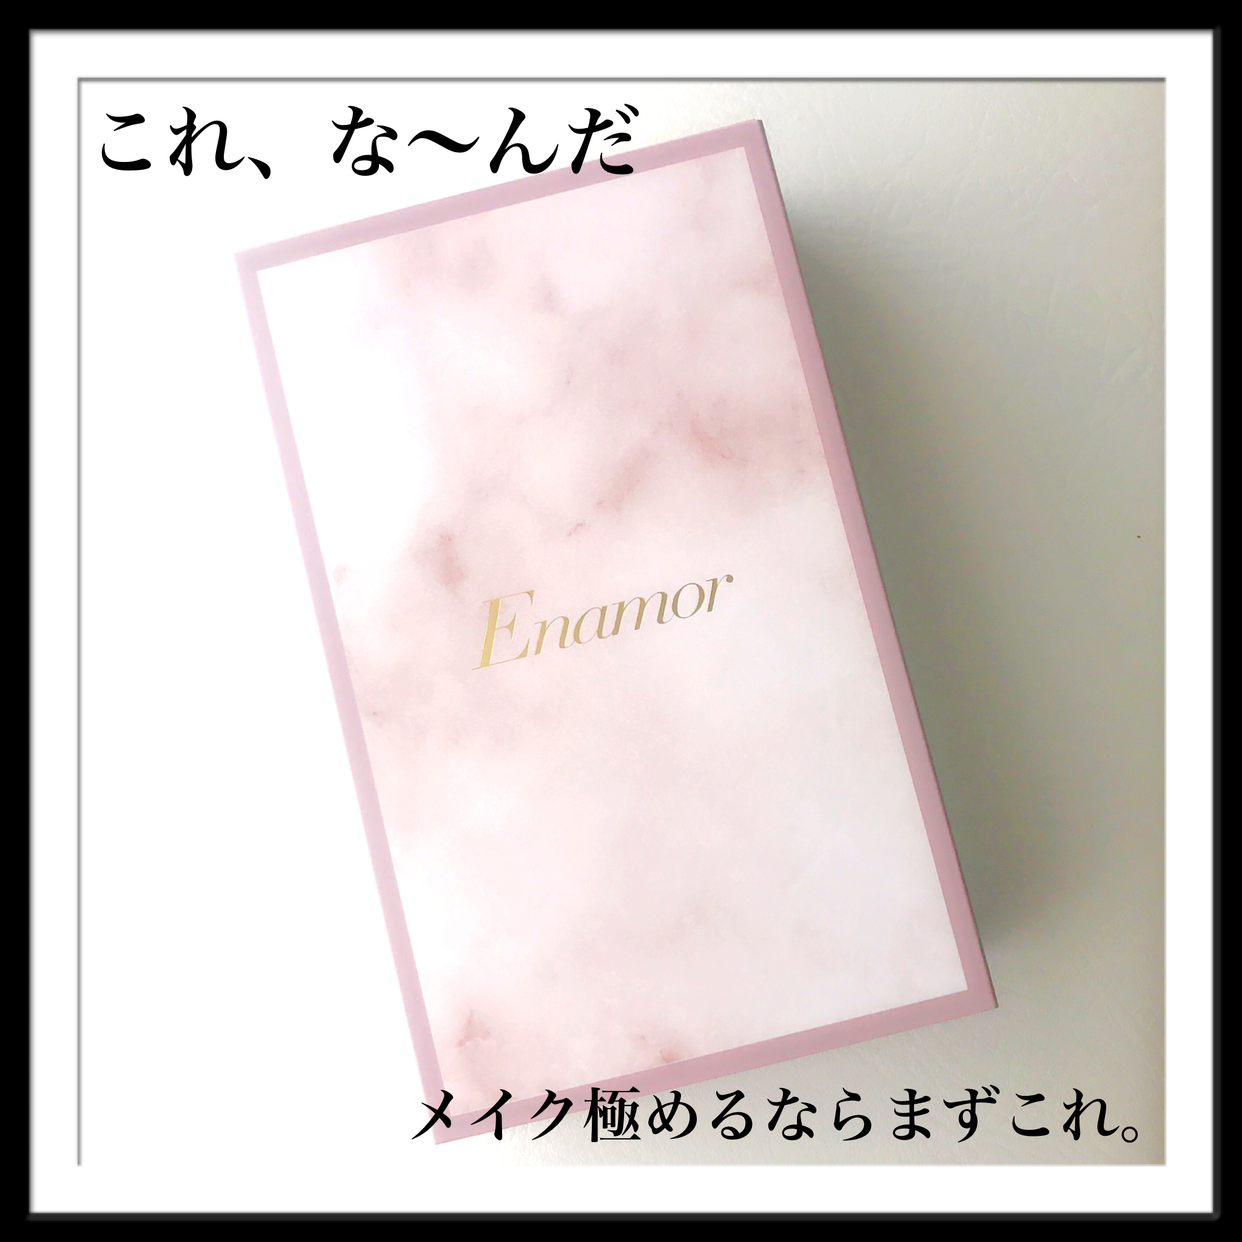 Enamor(エナモル)メイクブラシ7本&ブラシケースセットを使ったゆゆさんのクチコミ画像